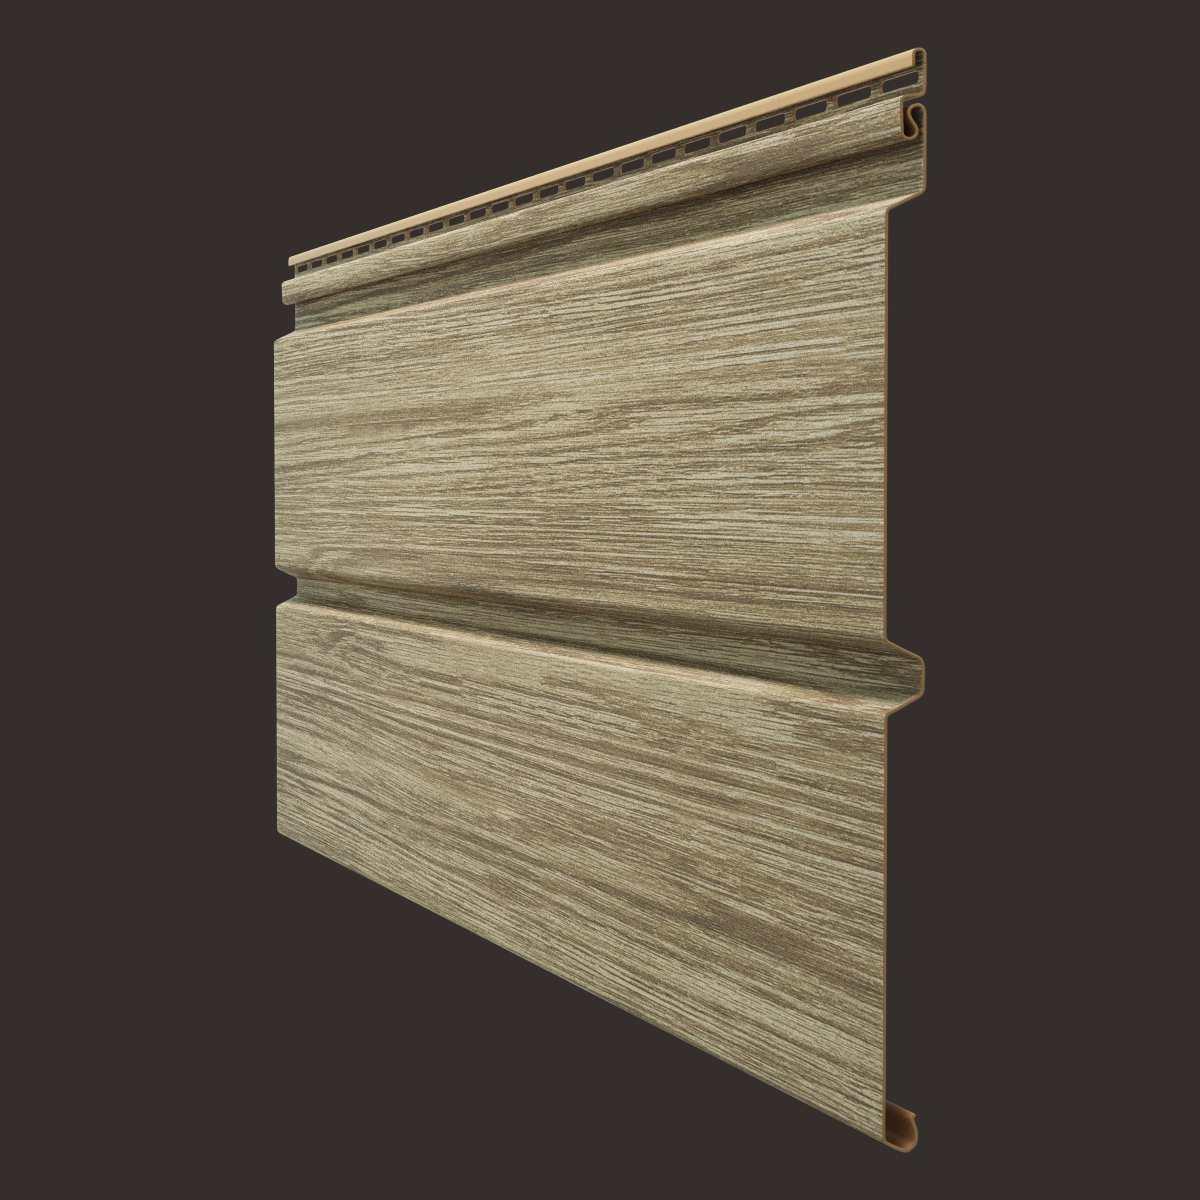 Металлический сайдинг под брус (40 фото): имитация бревна, что лучше - металлический или виниловый, примеры обшитых сайдингом домов